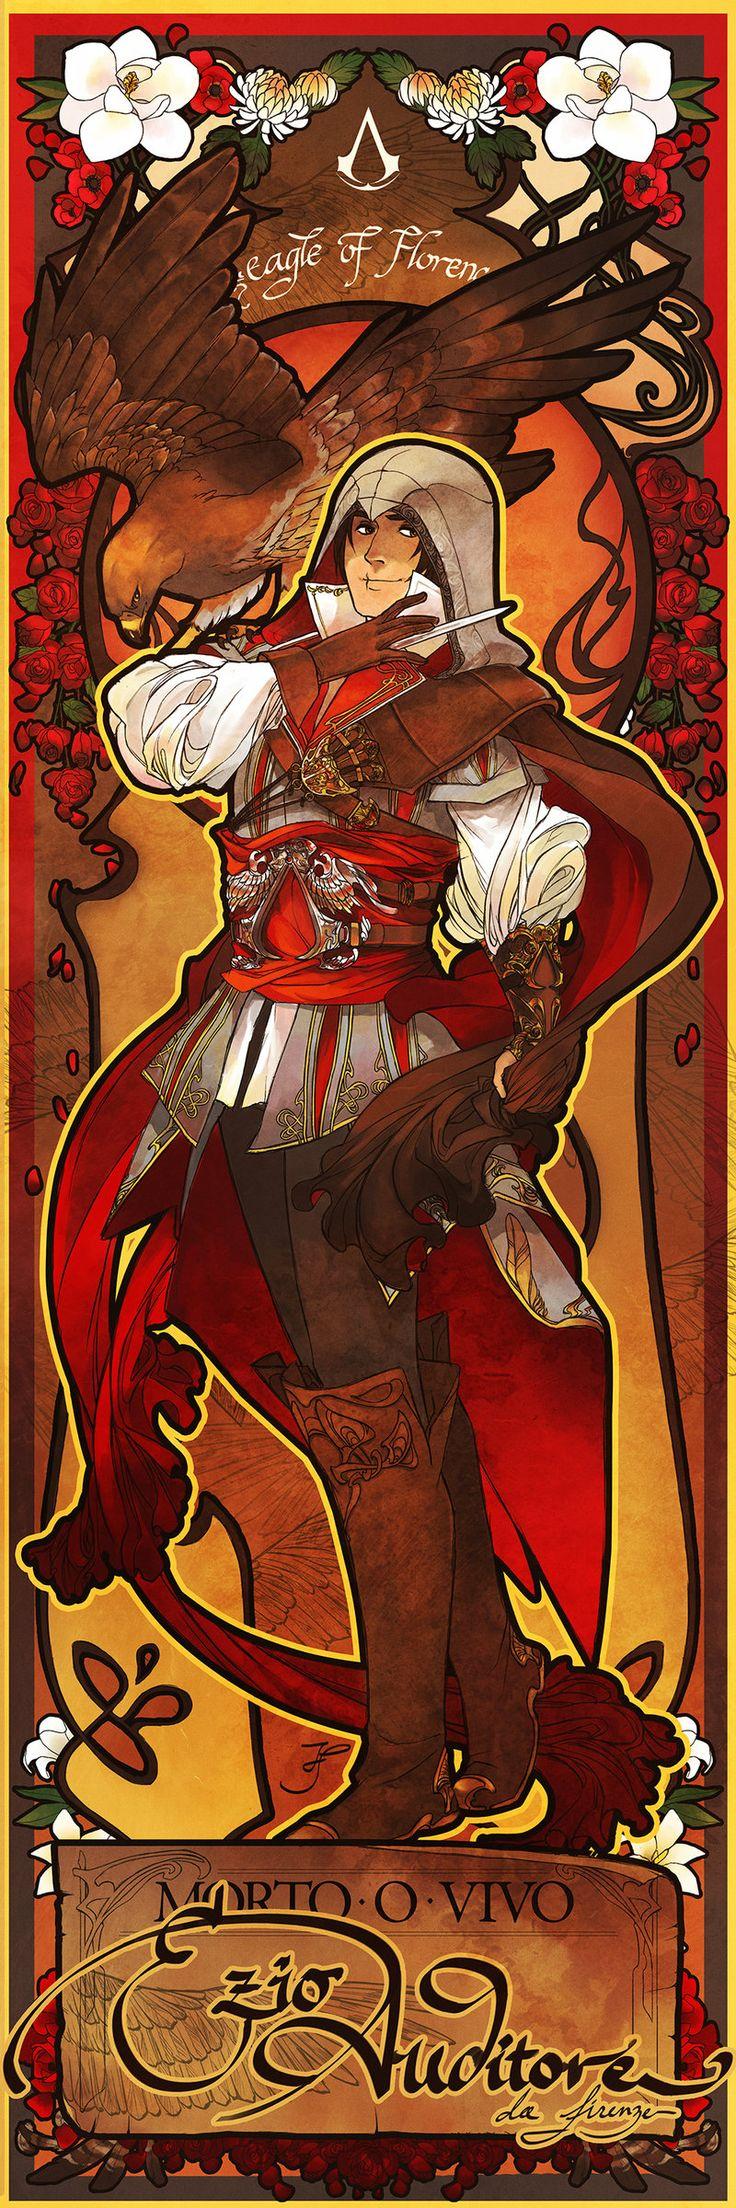 the eagle of florence by xfreischutz.deviantart.com on @deviantART